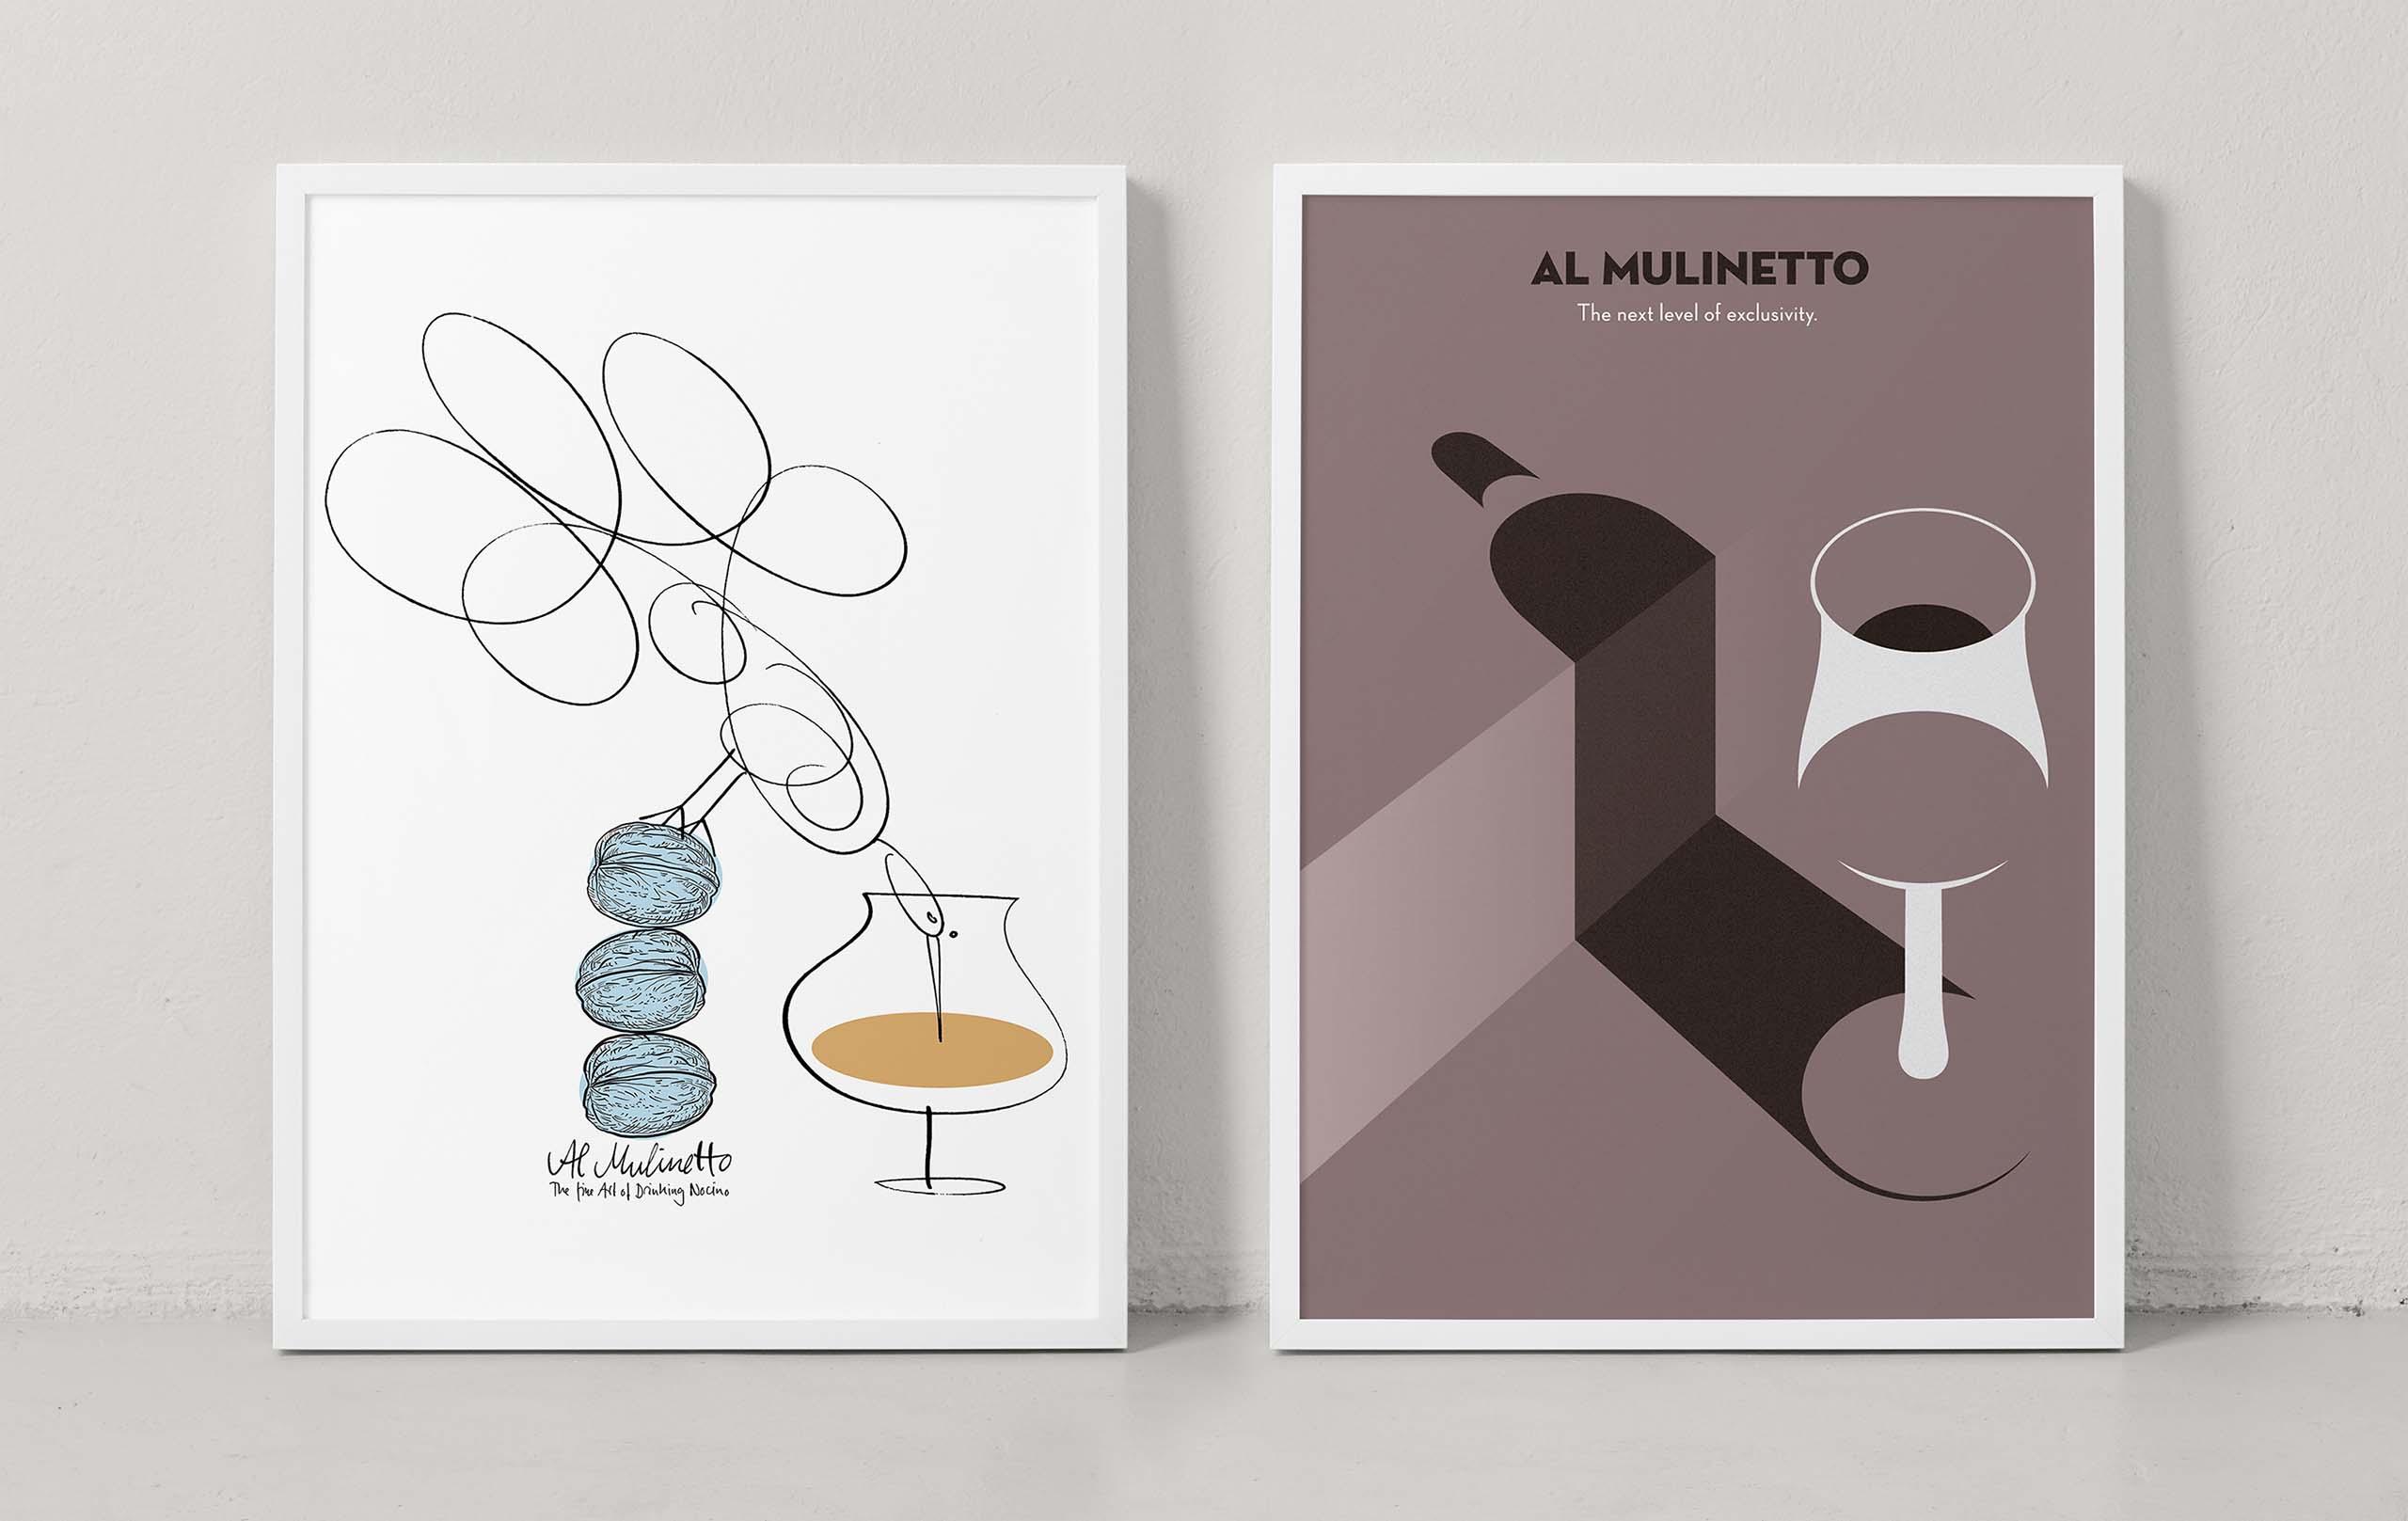 Almulinetto_Poster2020_2